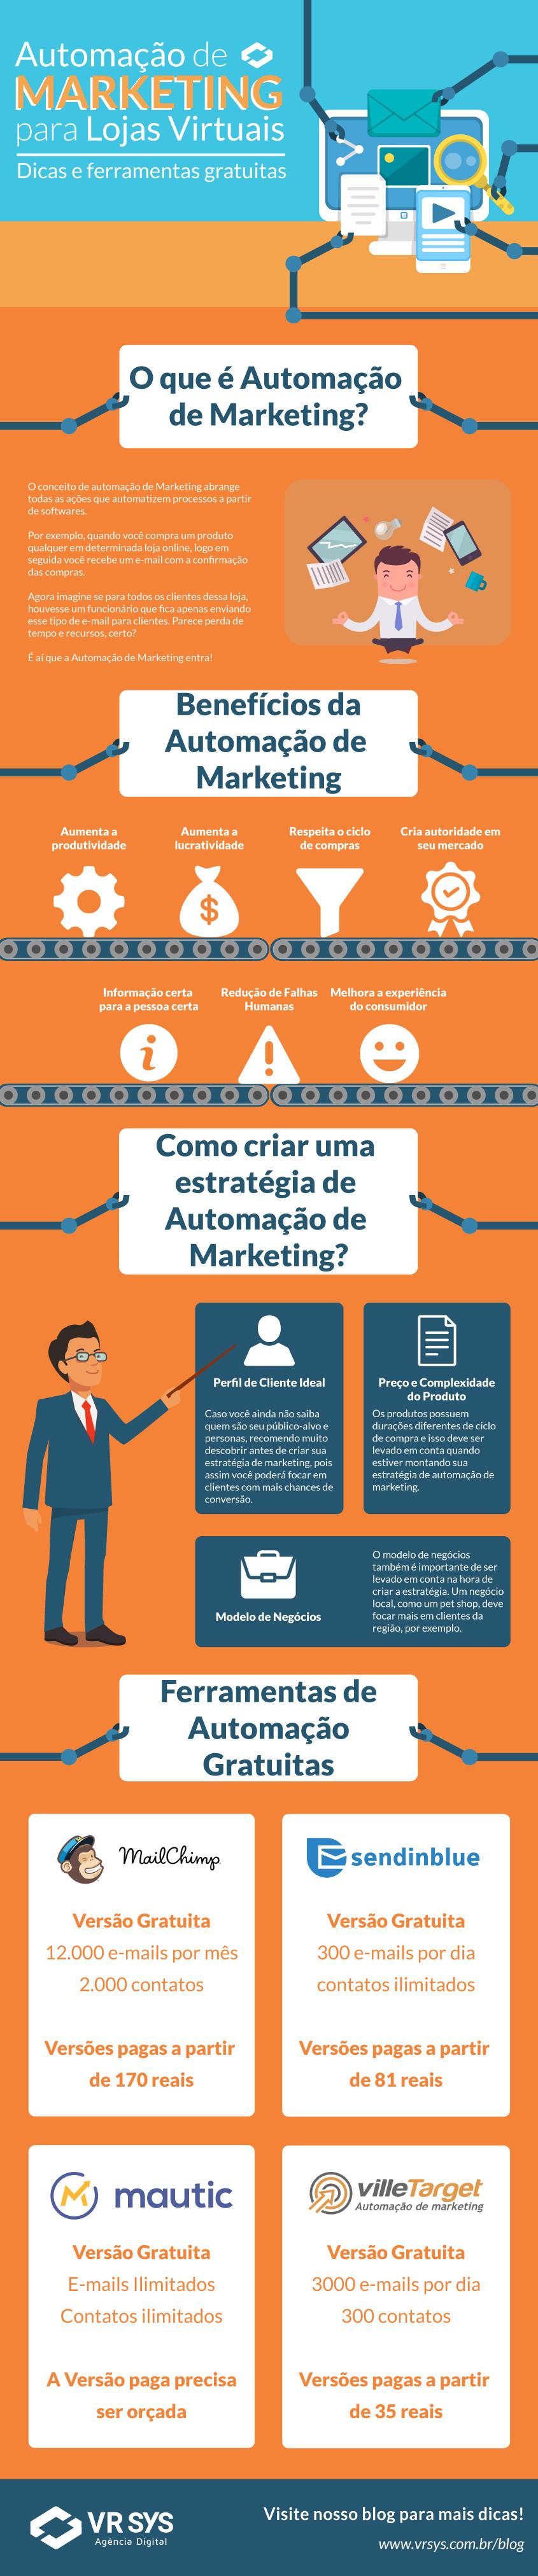 Automação de Marketing para Lojas Virtuais – Dicas e Ferramentas gratuitas